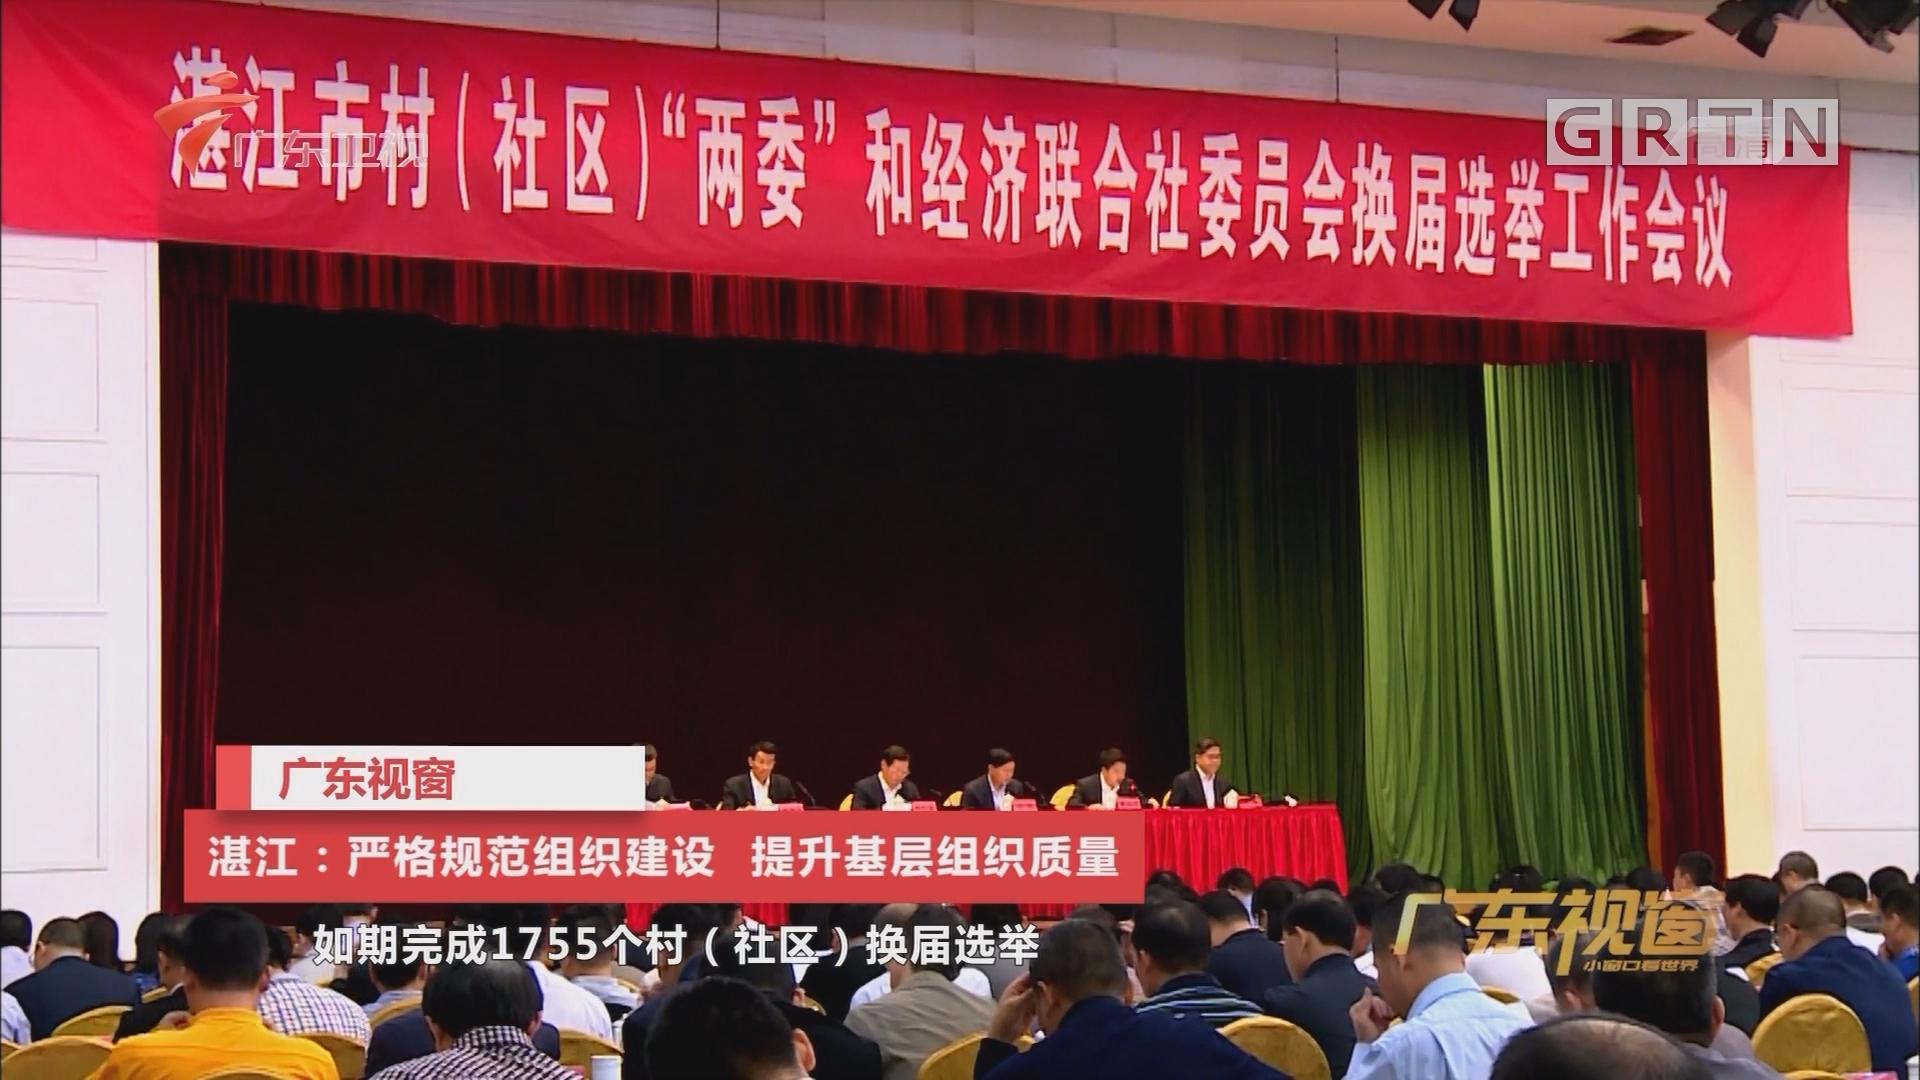 湛江:以规范化建设提升基层党建质量